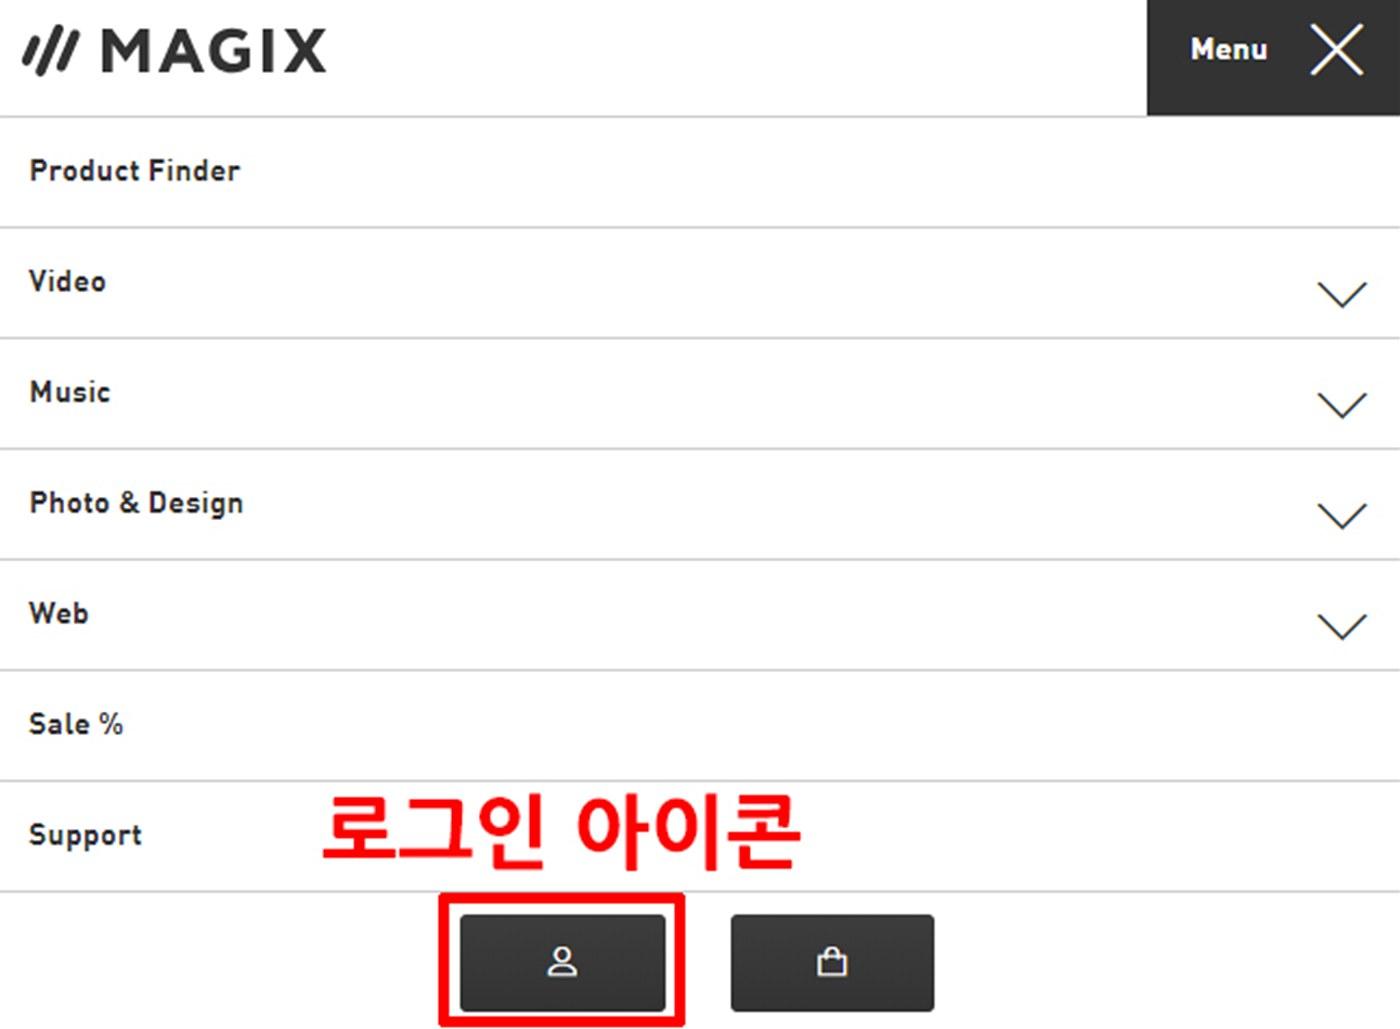 모바일에서는 오른쪽 위에 Menu 버튼을 클릭하면 로그인버튼이 나타난다.